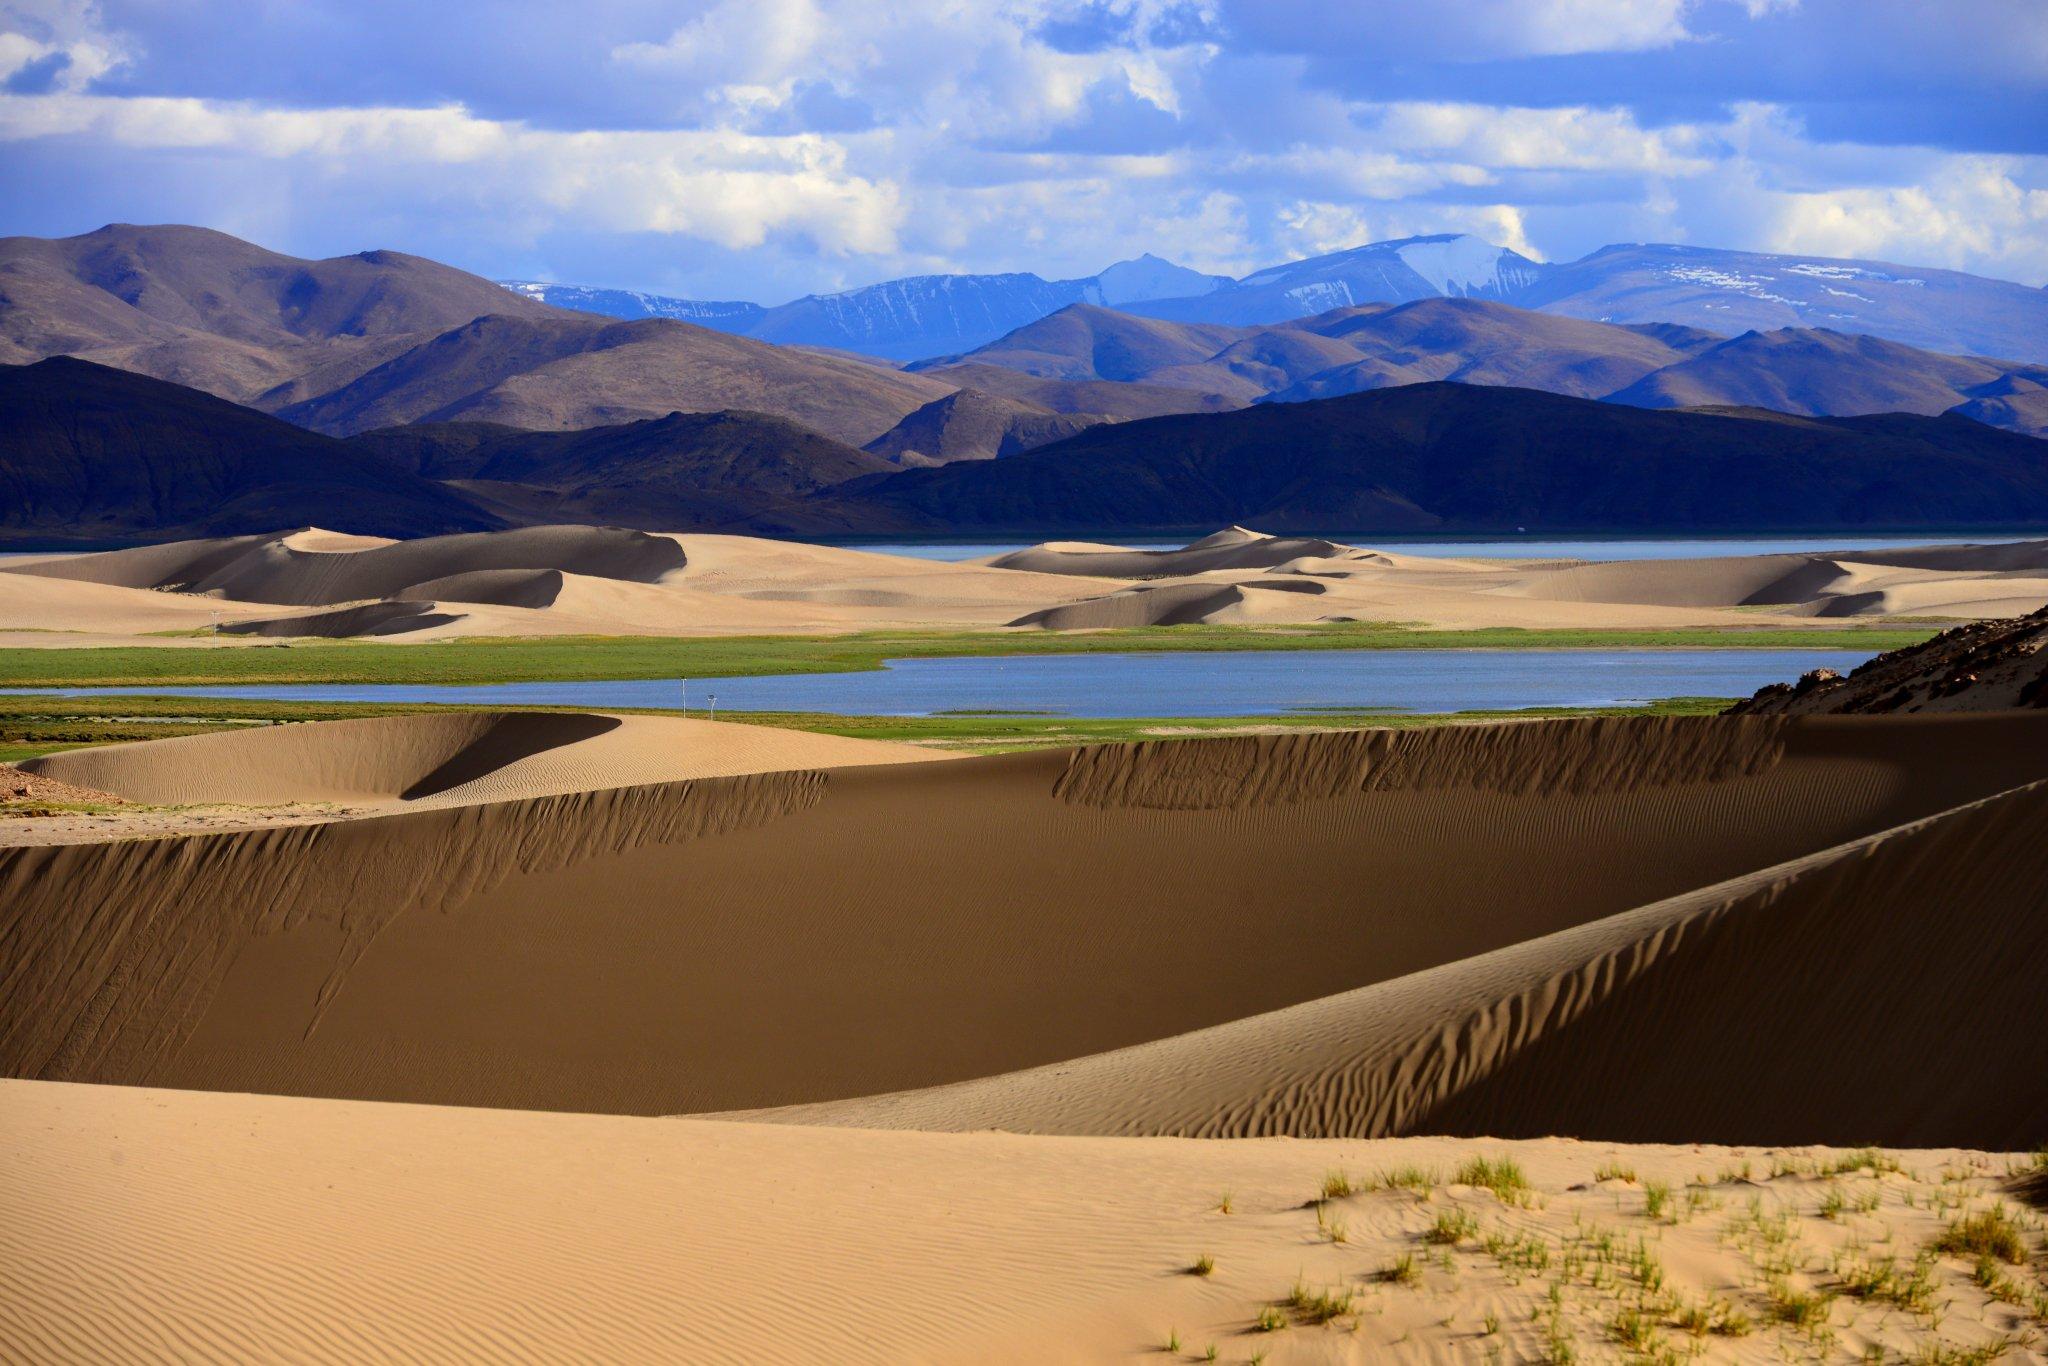 《走!去阿里》(下部) ——大浪汪洋之西藏自驾行